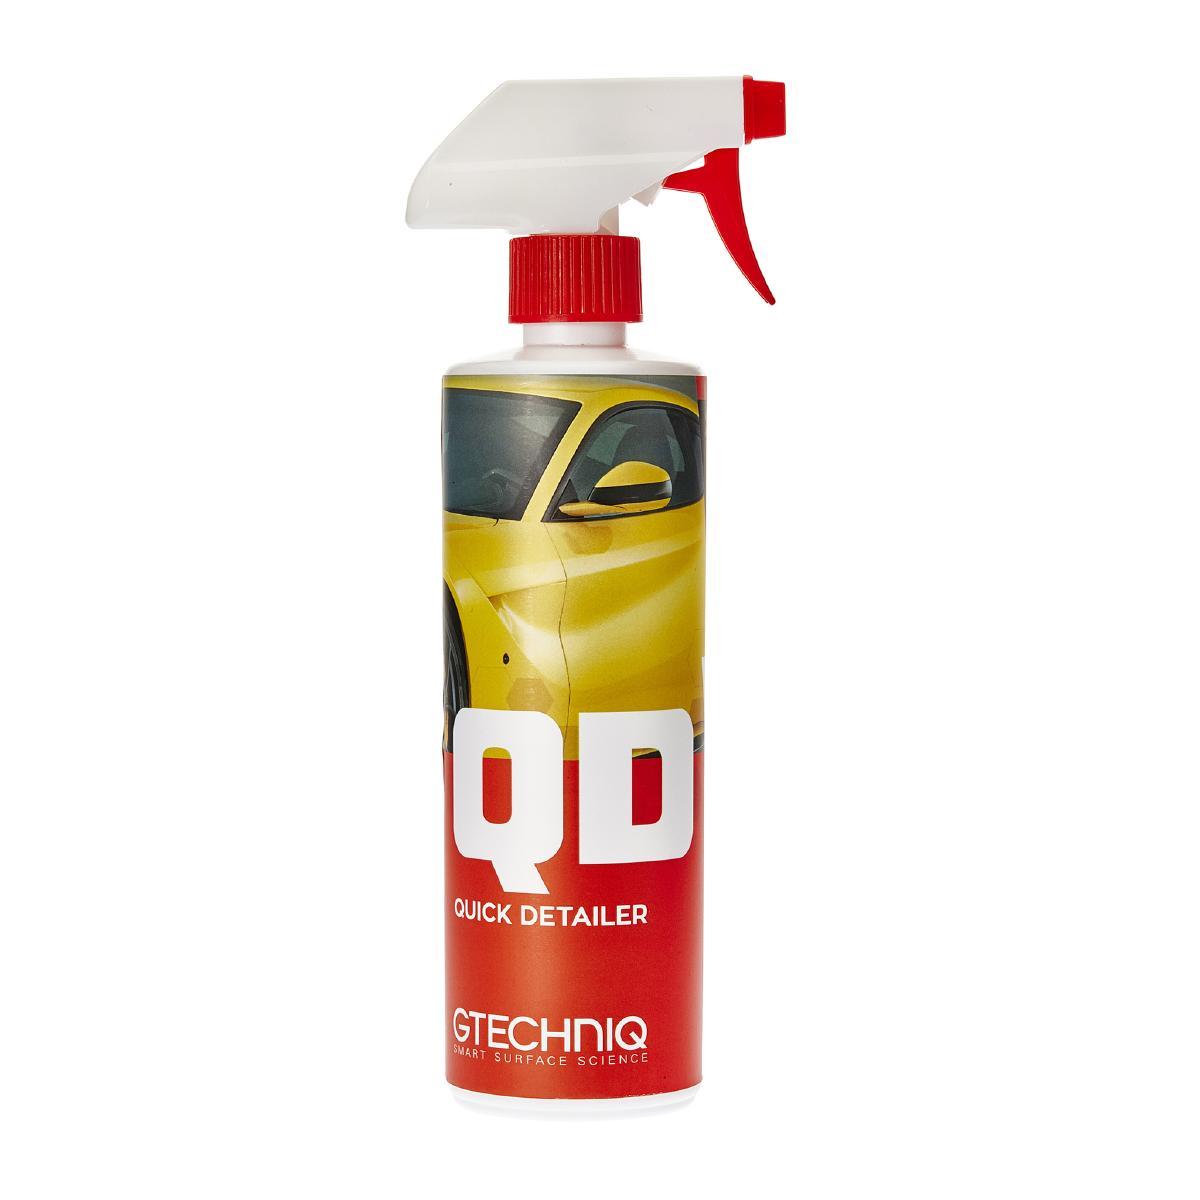 Rengörande Snabbvax Gtechniq Quick Detailer, 500 ml